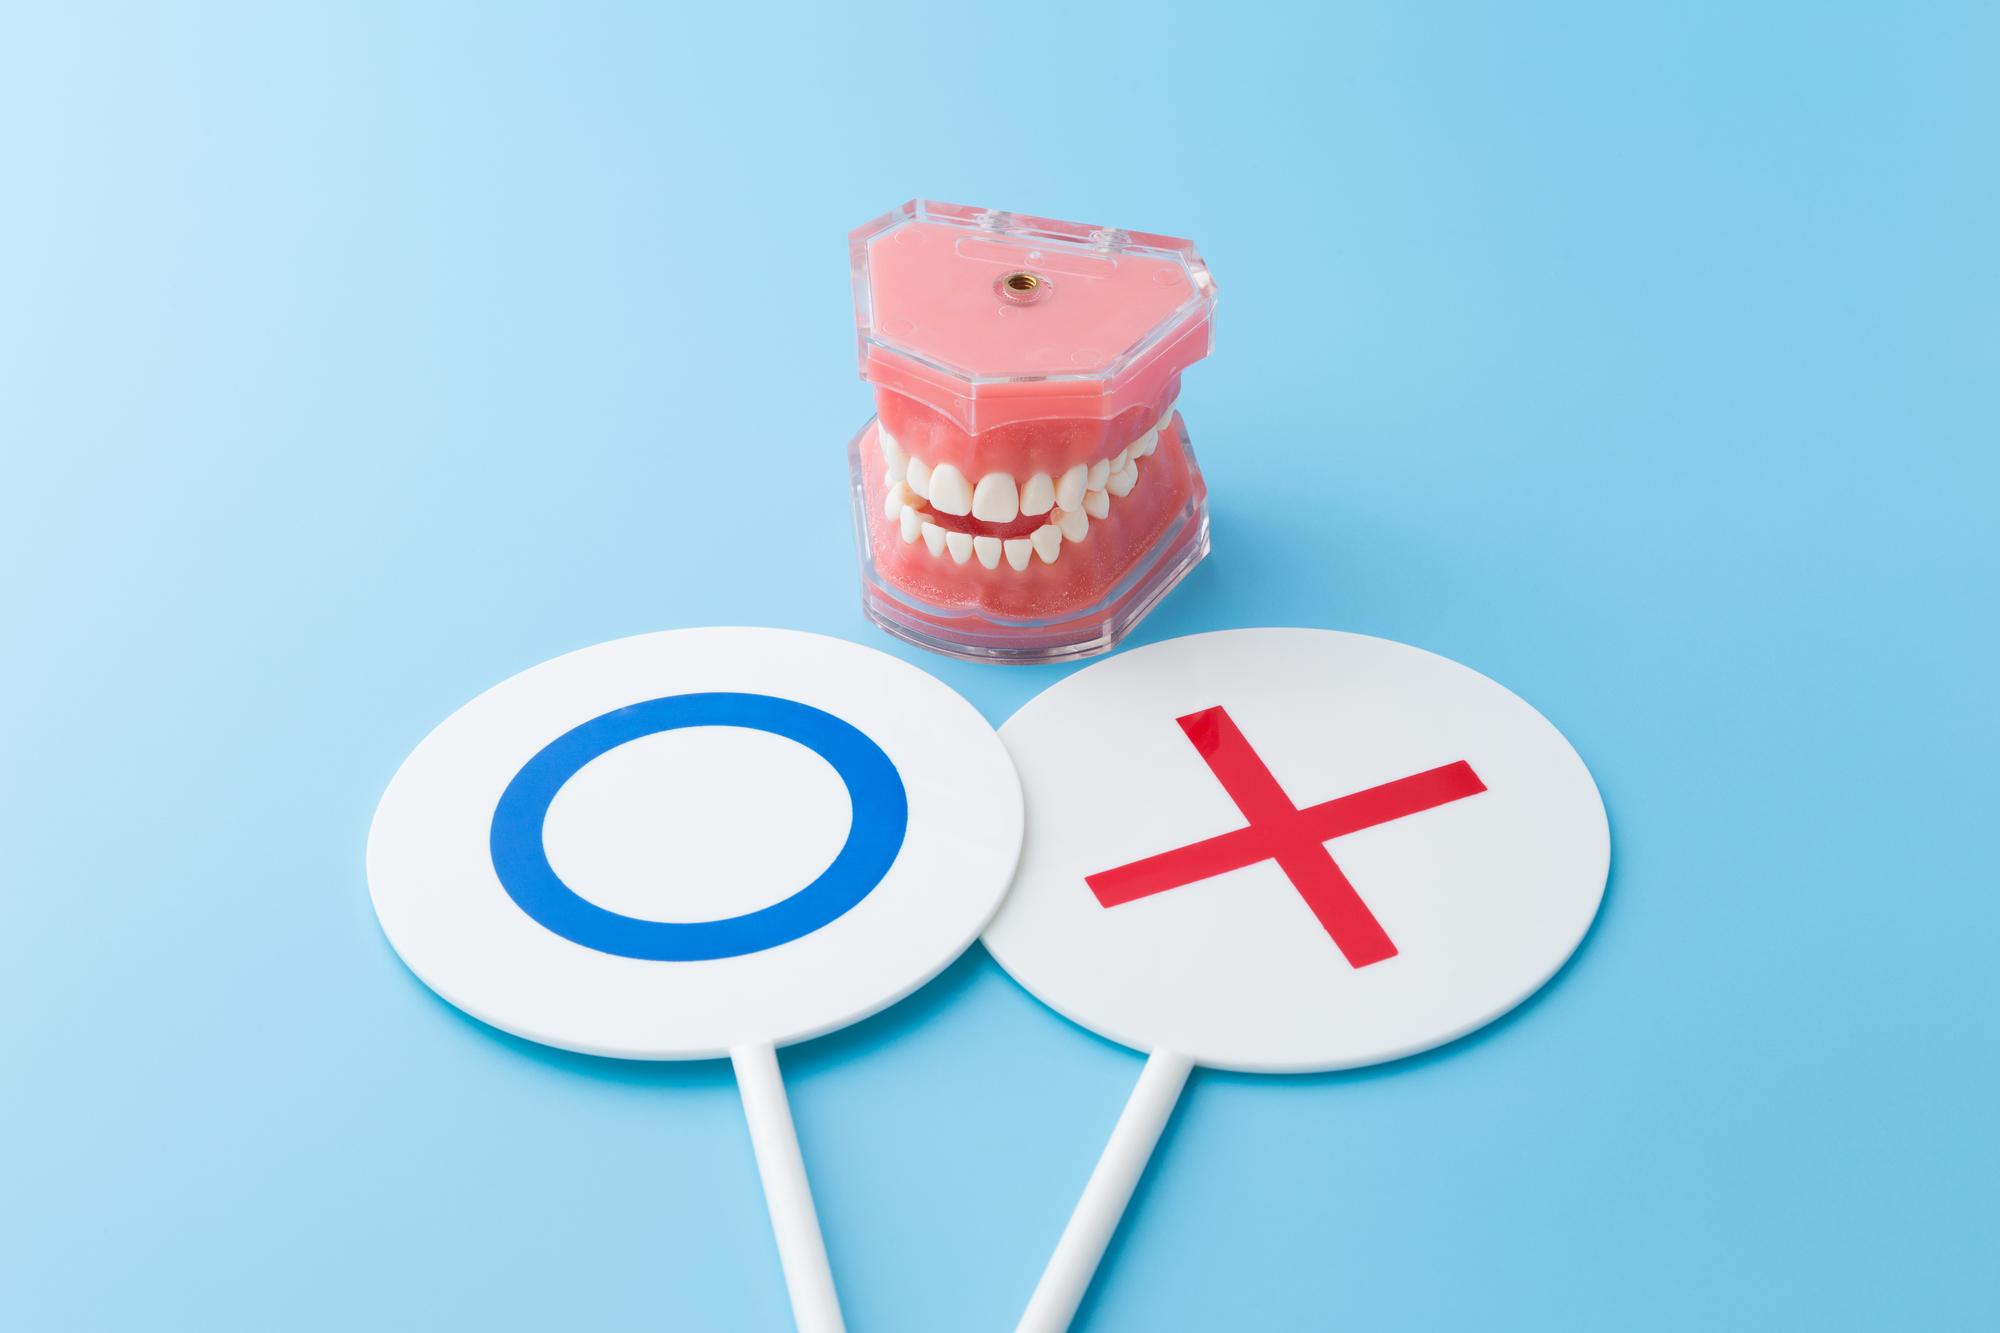 歯髄保存療法(VItal Pulp Therapy)の適応